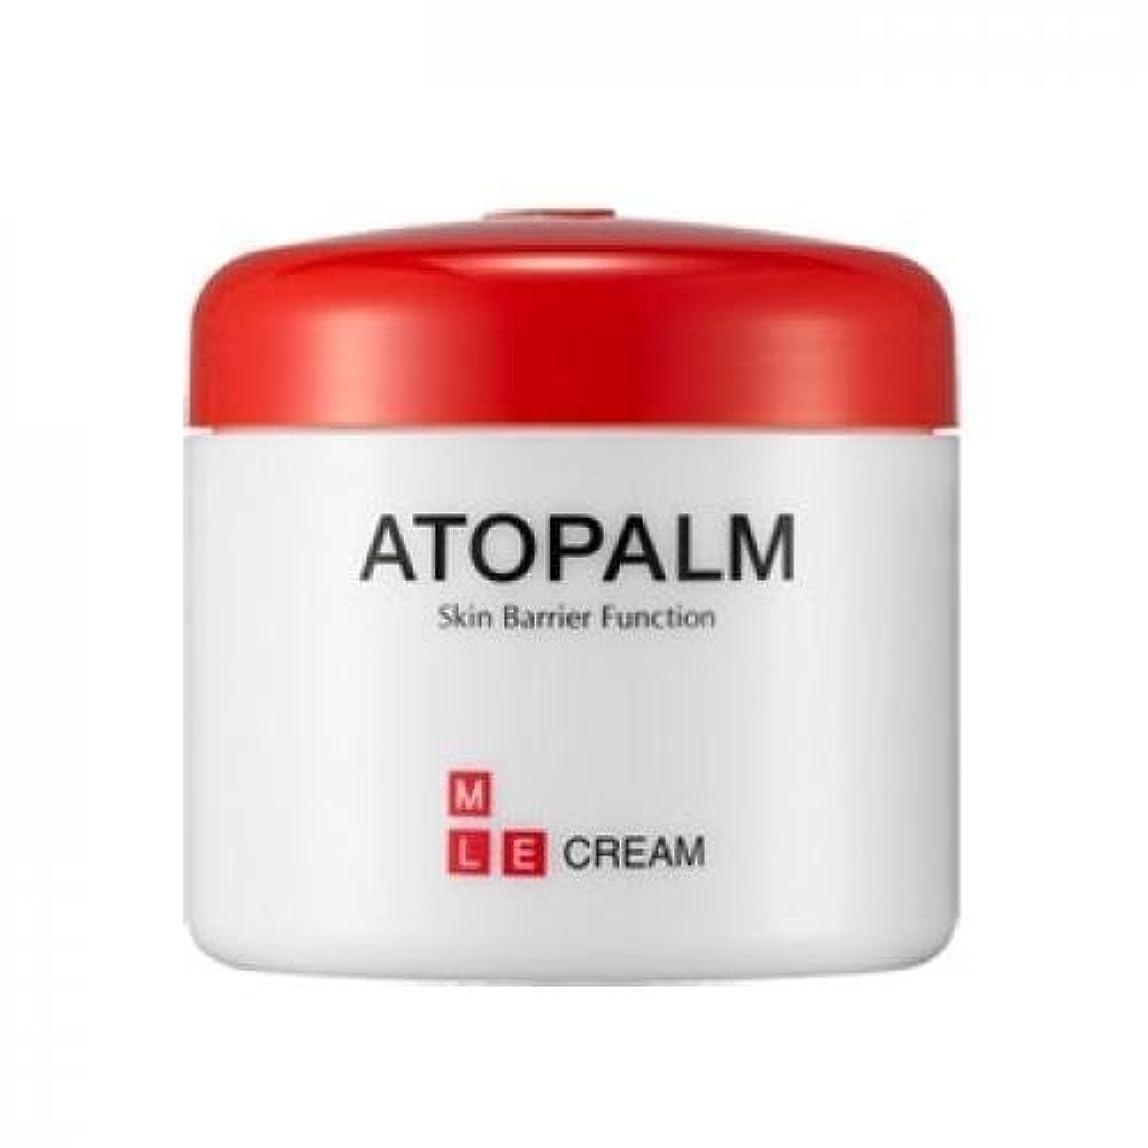 ライド番号抑止するATOPALM MLE Cream (160ml) (Korean original)